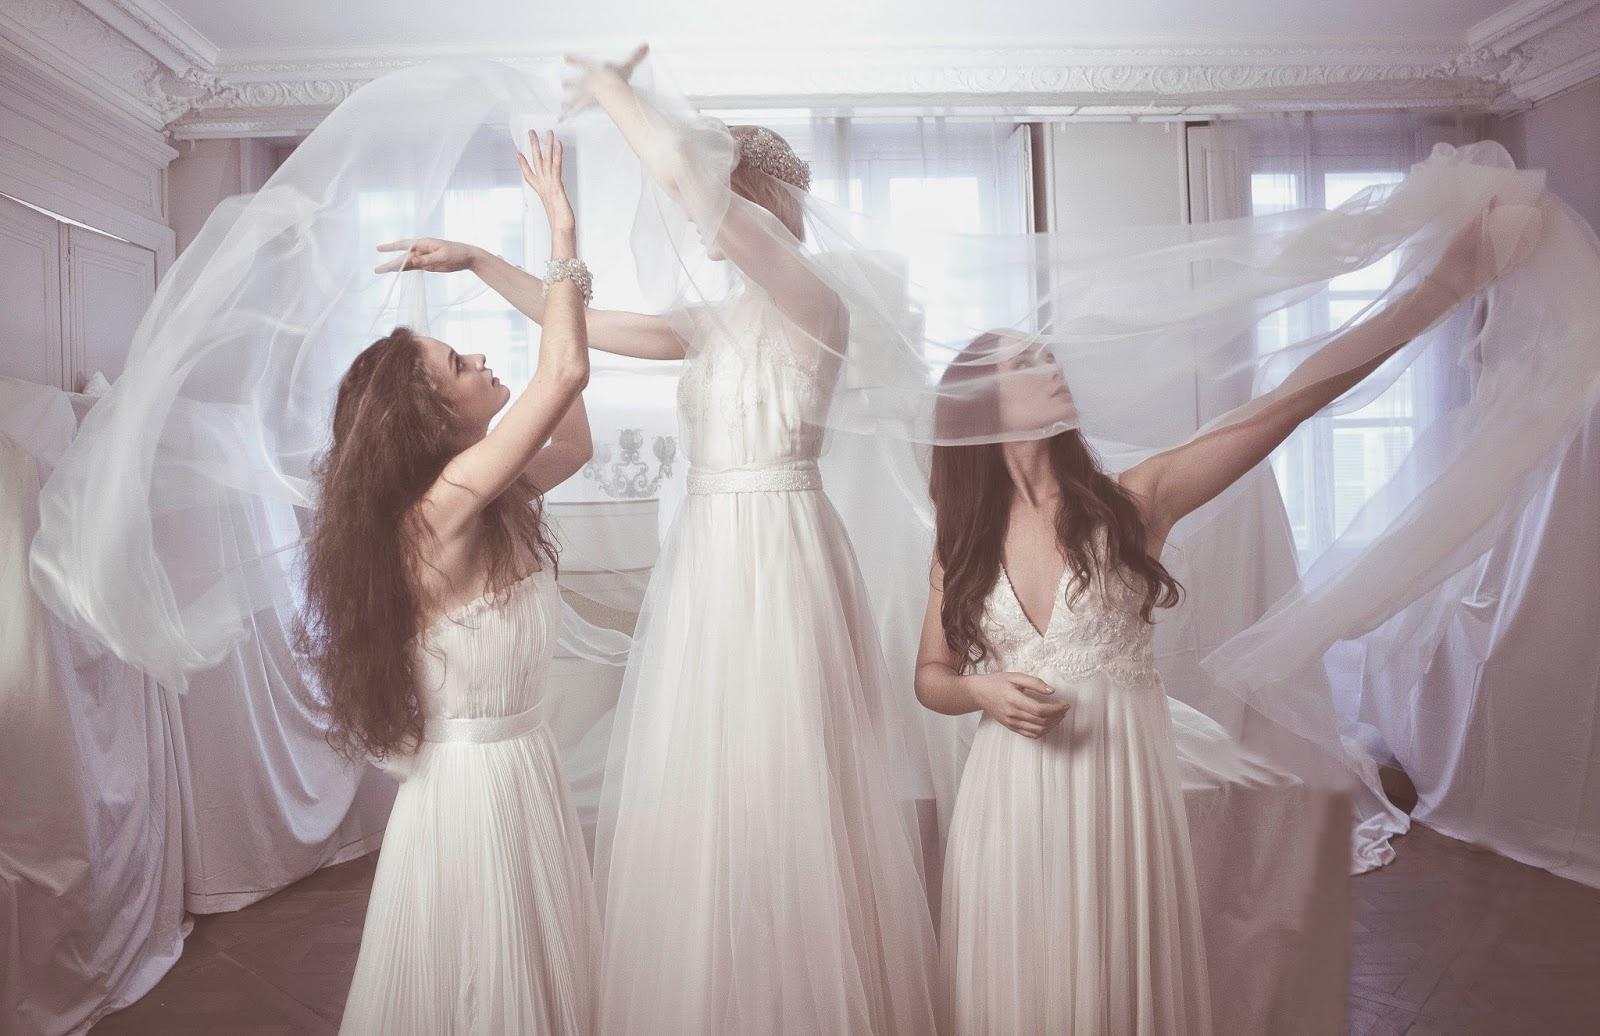 Les Moineaux De La Mariée les moineaux de la mariée: zoom fanny liautard